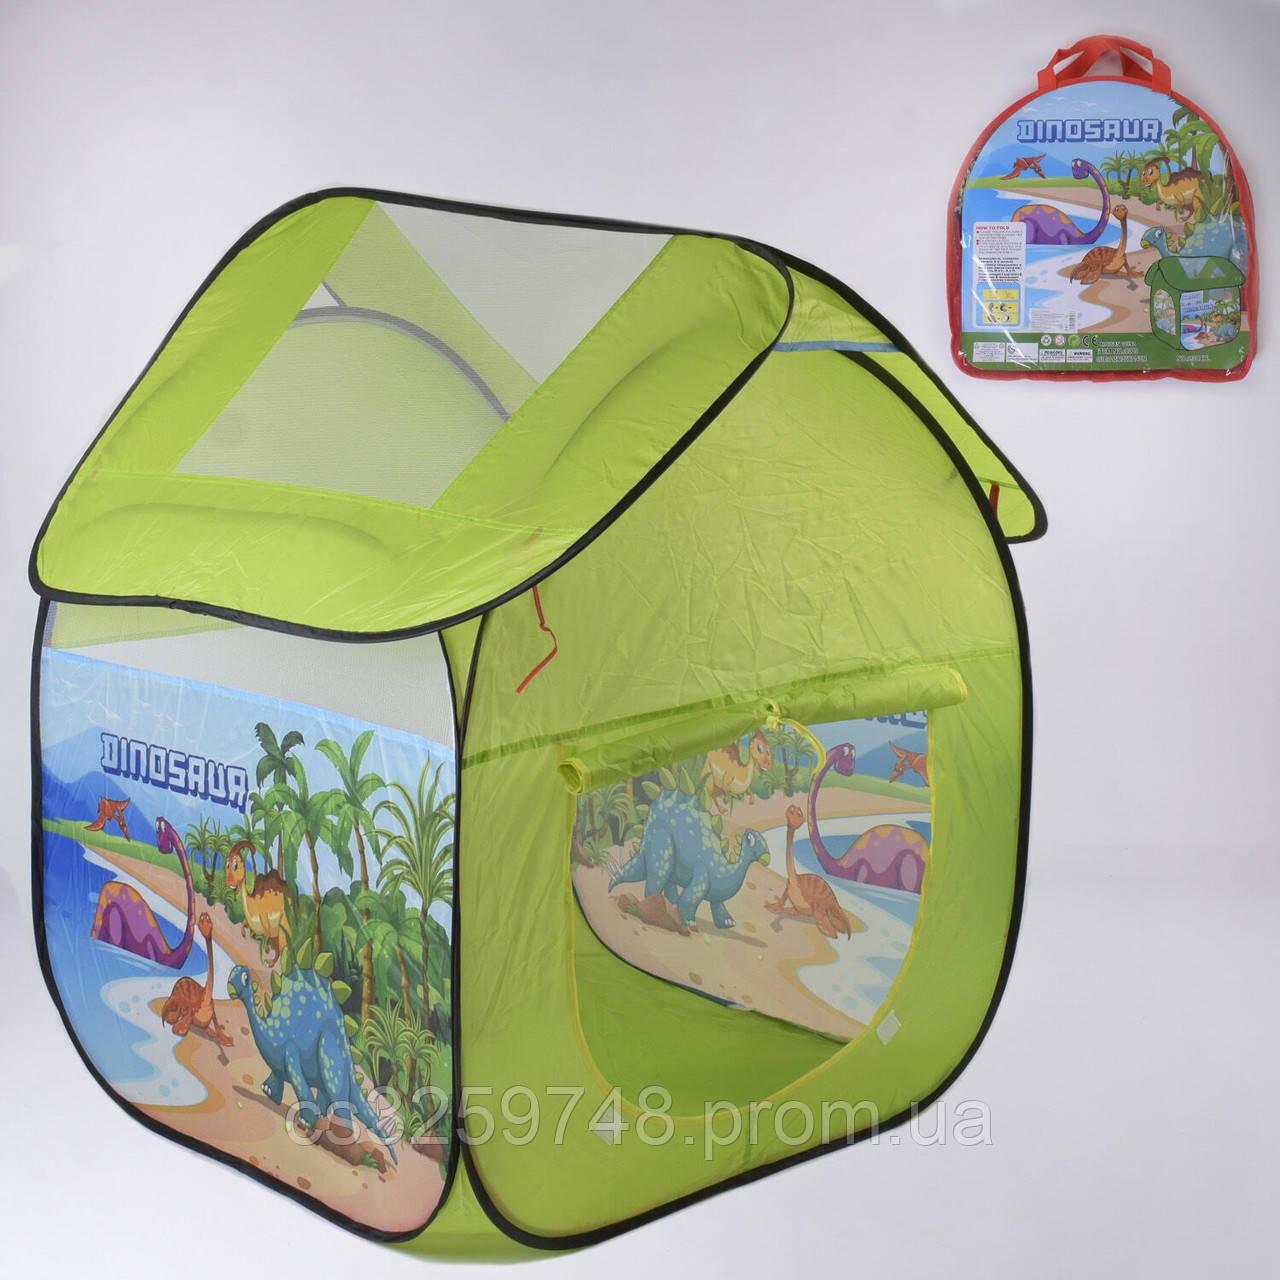 Детская игровая палатка (игровой домик) 8009 KL Dinosaur (83-83-100см)